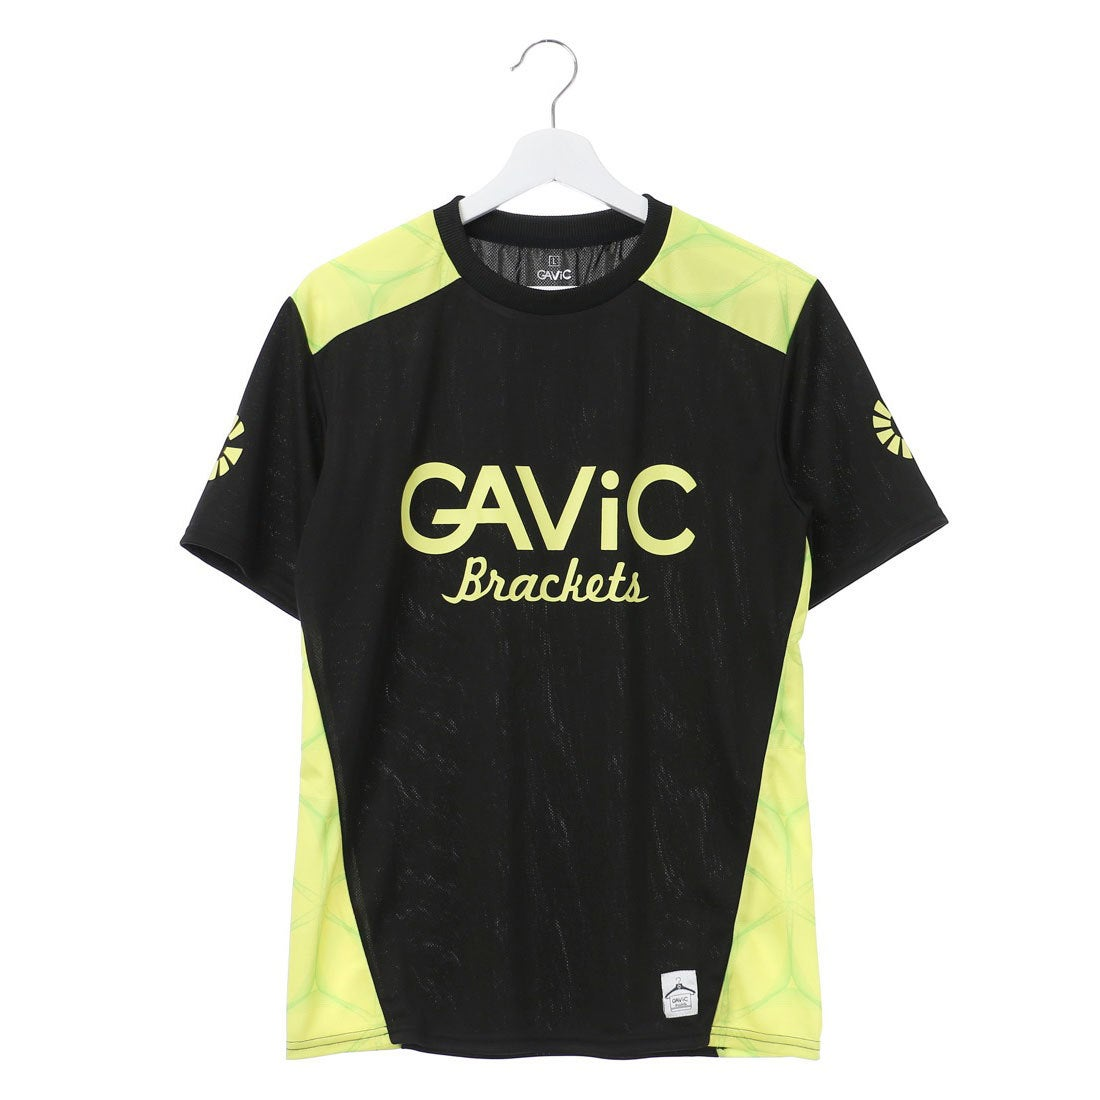 ガビック GAViC メンズ サッカー/フットサル 半袖シャツ カレイド柄プラクティスシャツ GA8027